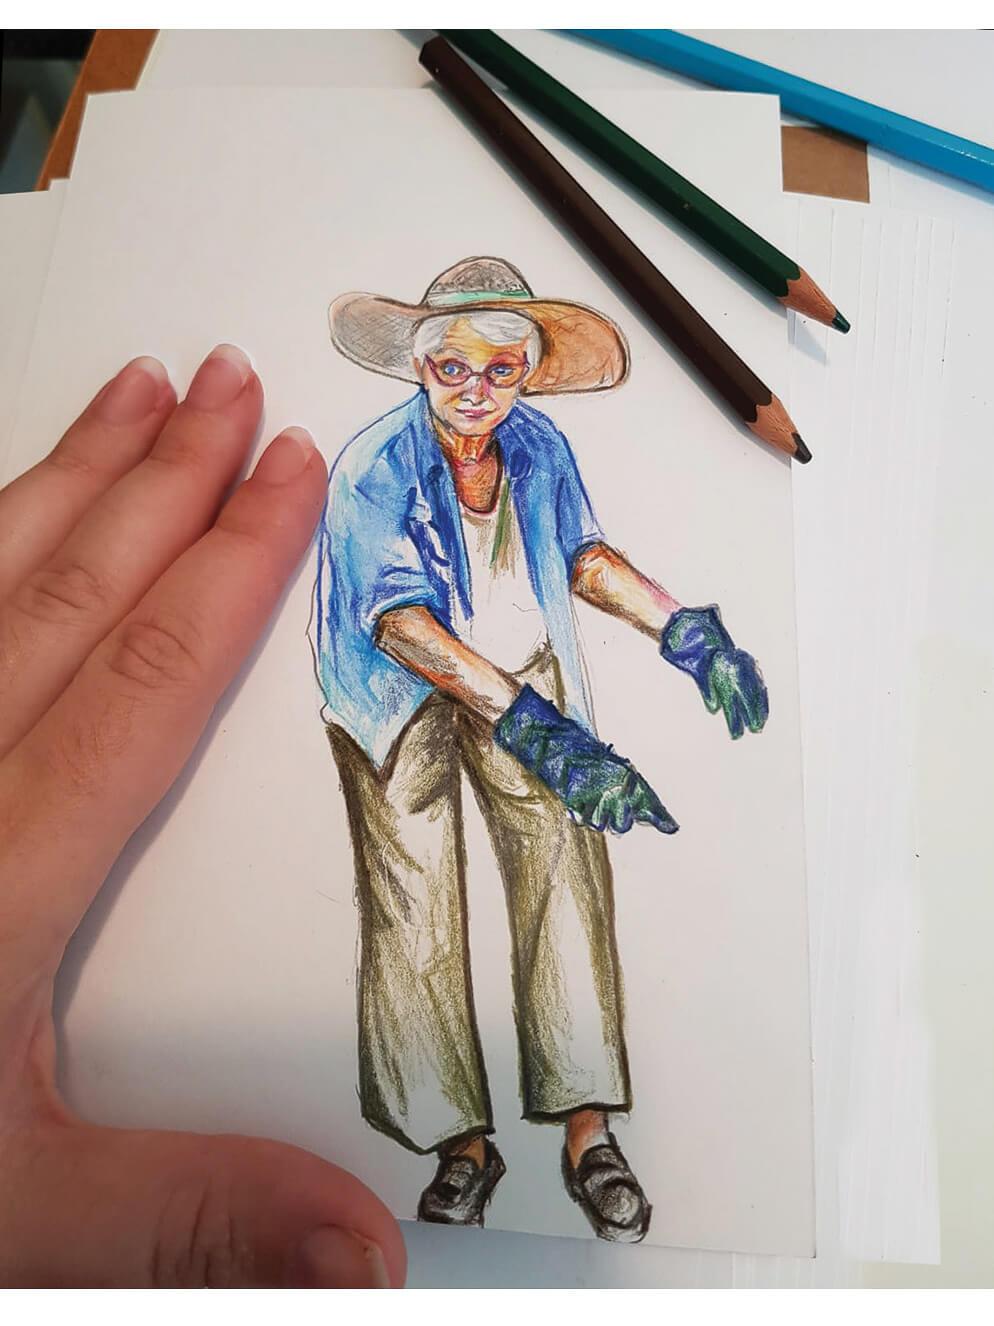 איור בצבעי עיפרון למעשה באליעזר ובגזר